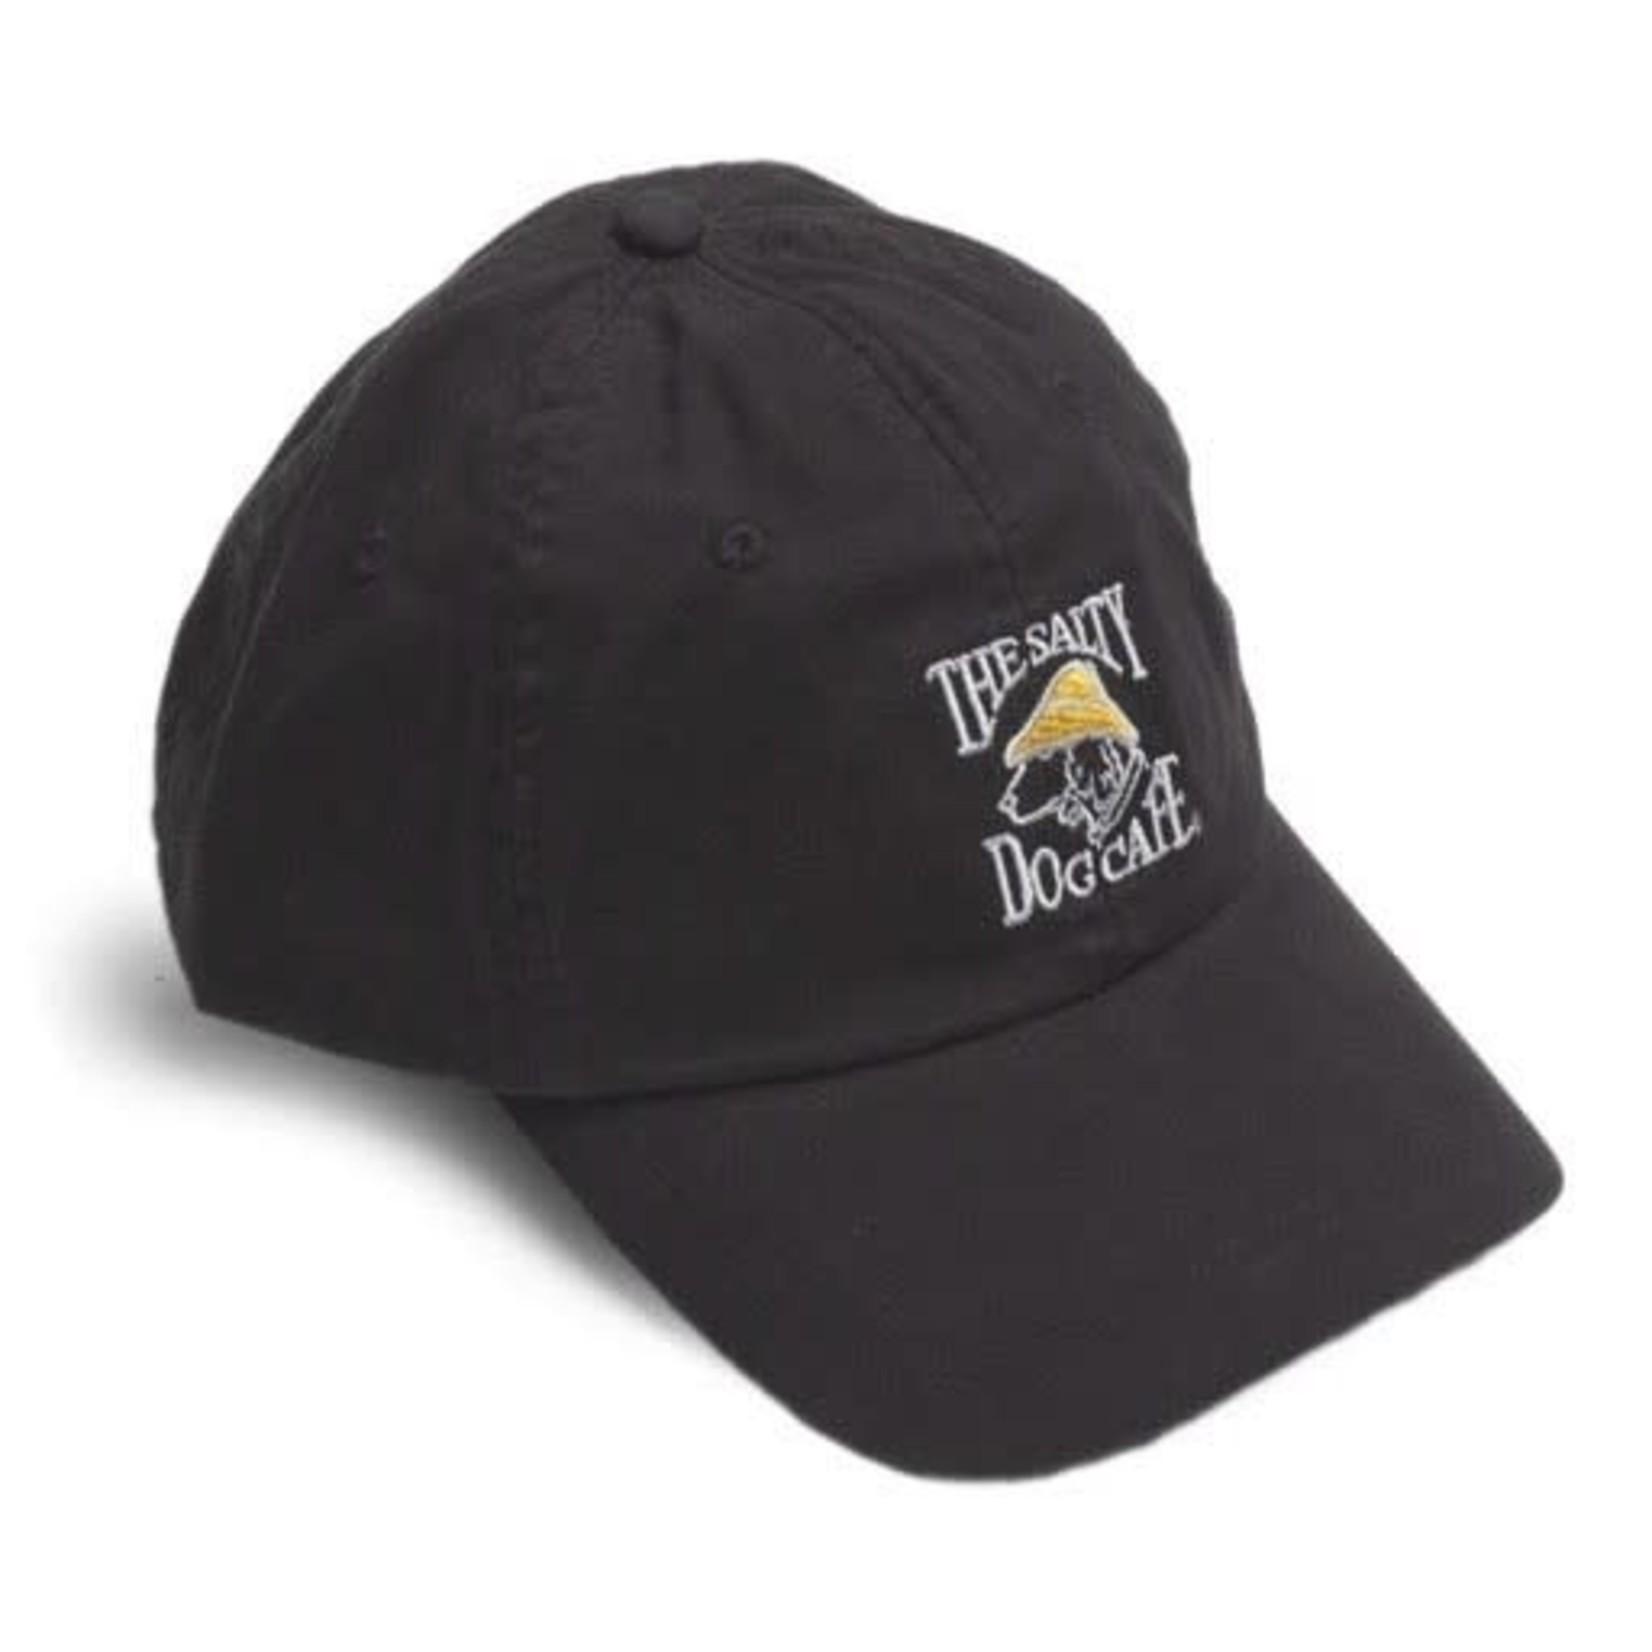 Hat - Women's Fit - Black - Adult